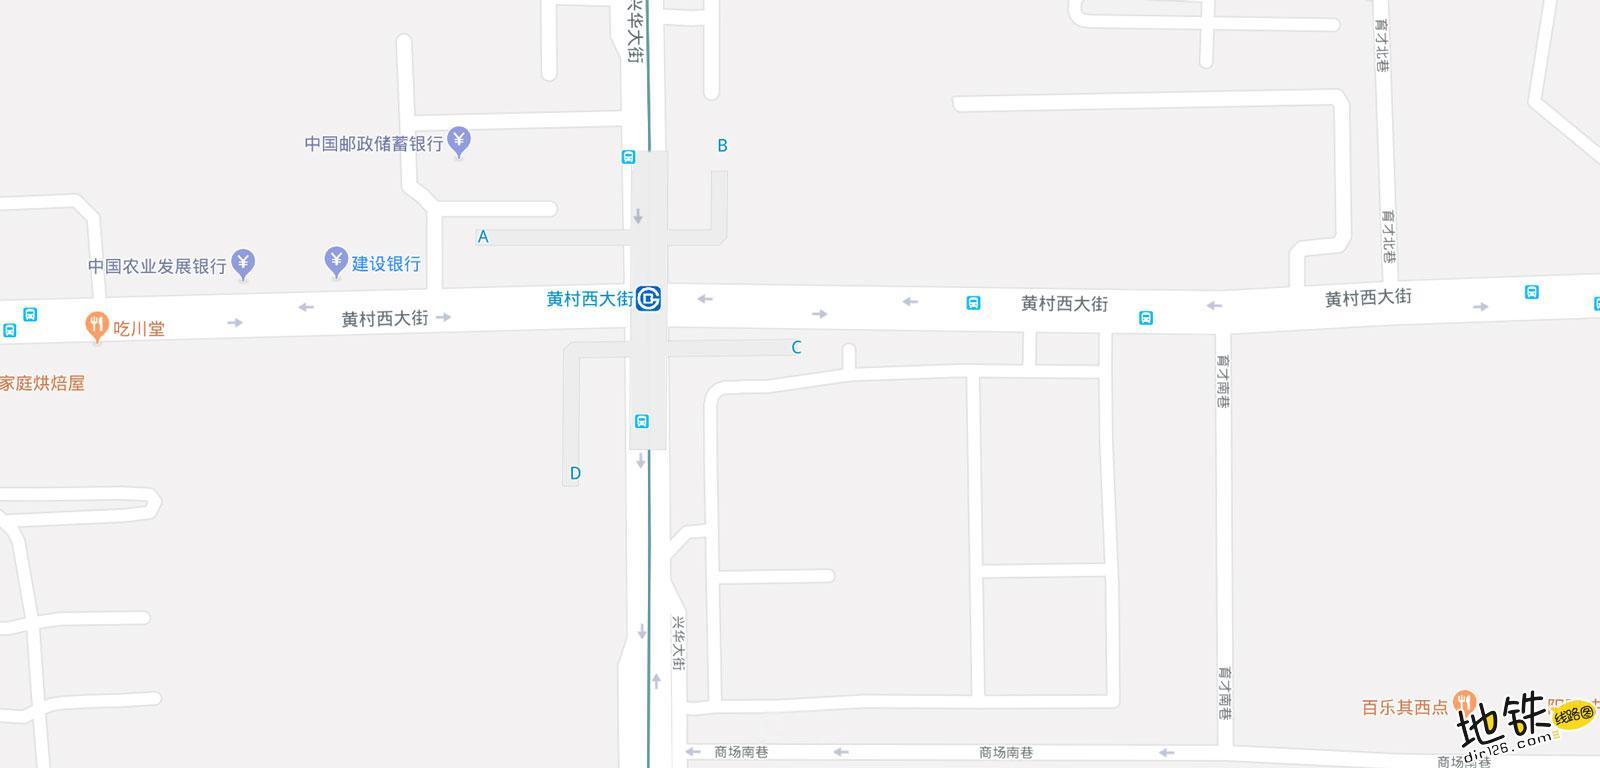 黄村西大街地铁站 北京地铁黄村西大街站出入口 地图信息查询  北京地铁站  第2张